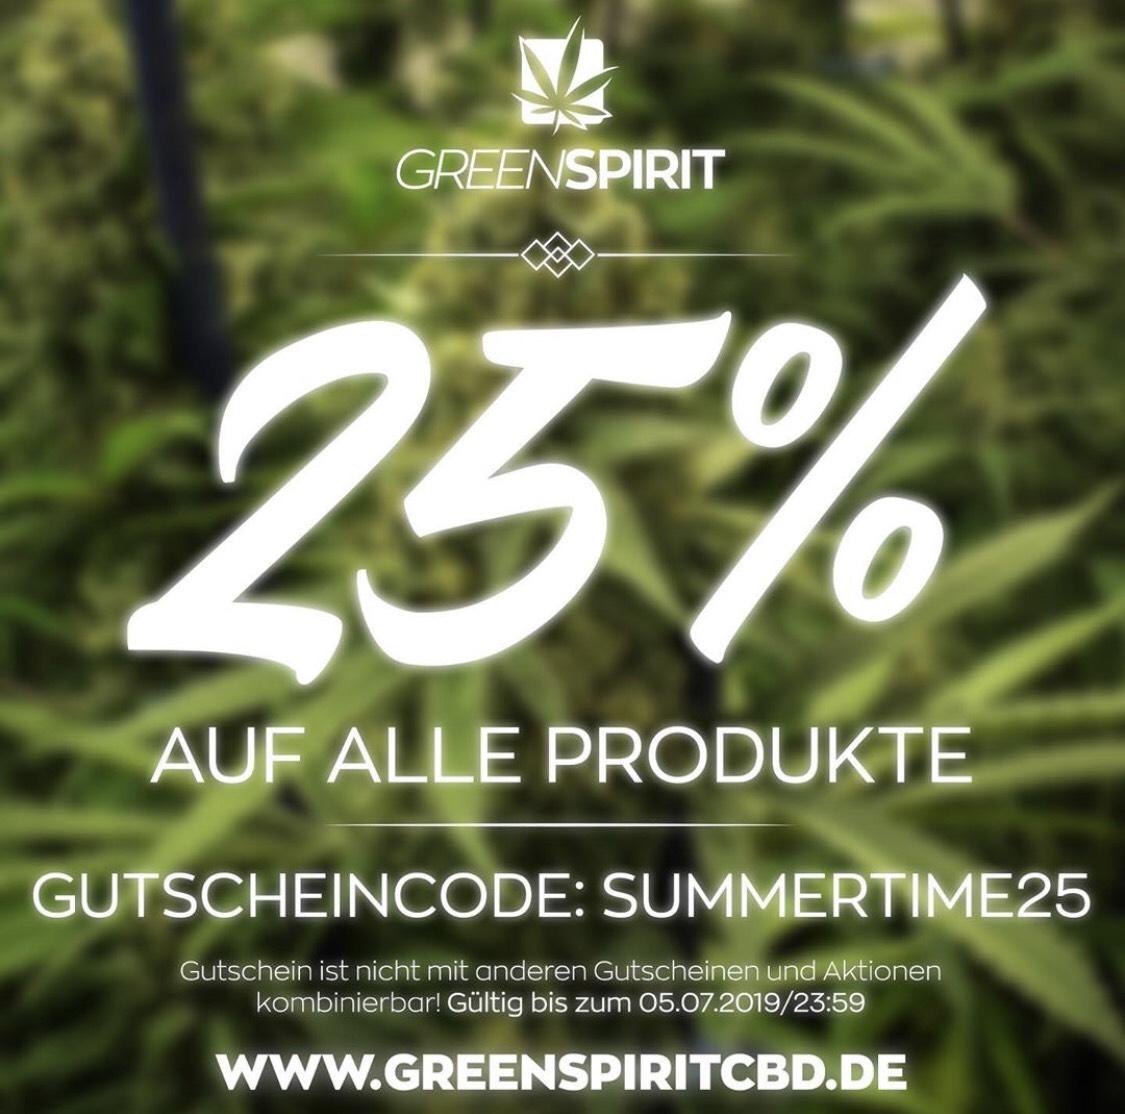 25% auf alle CBD Produkte